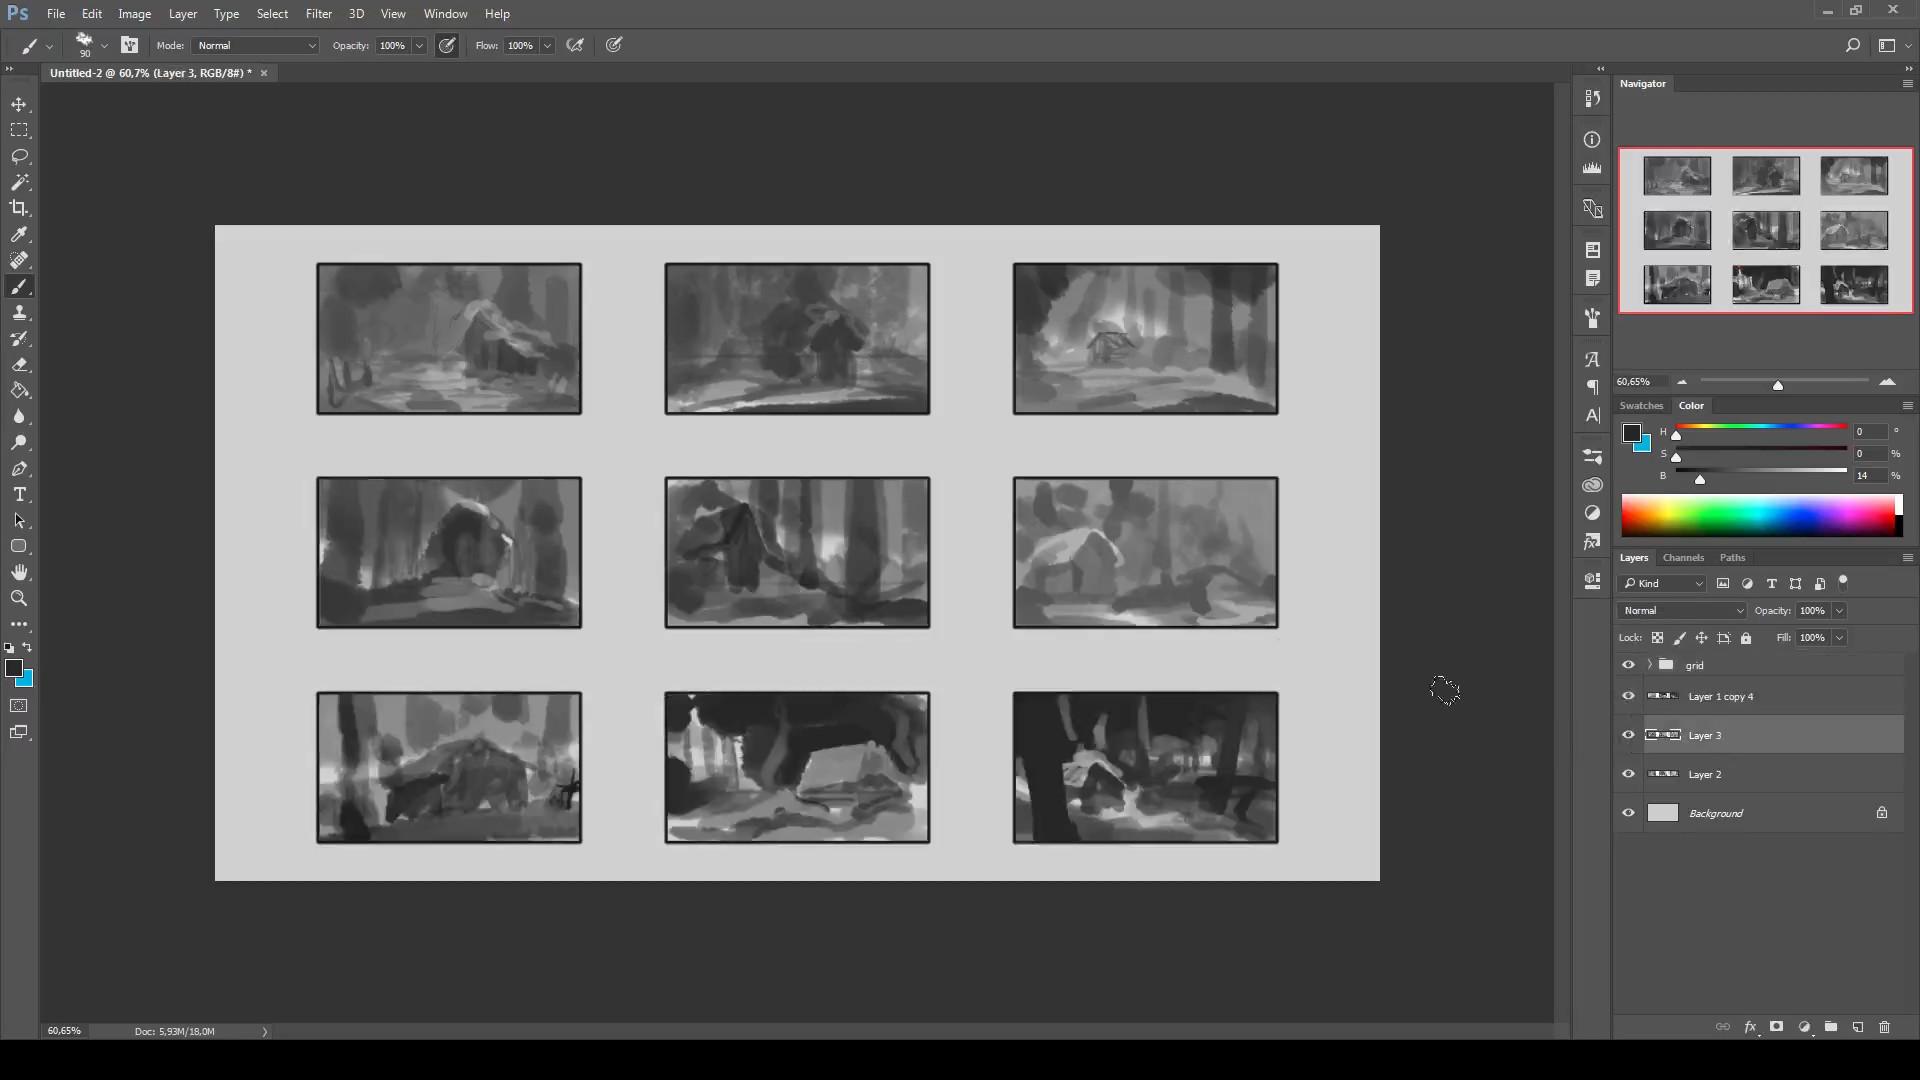 Process Image 01 - Thumbnailing